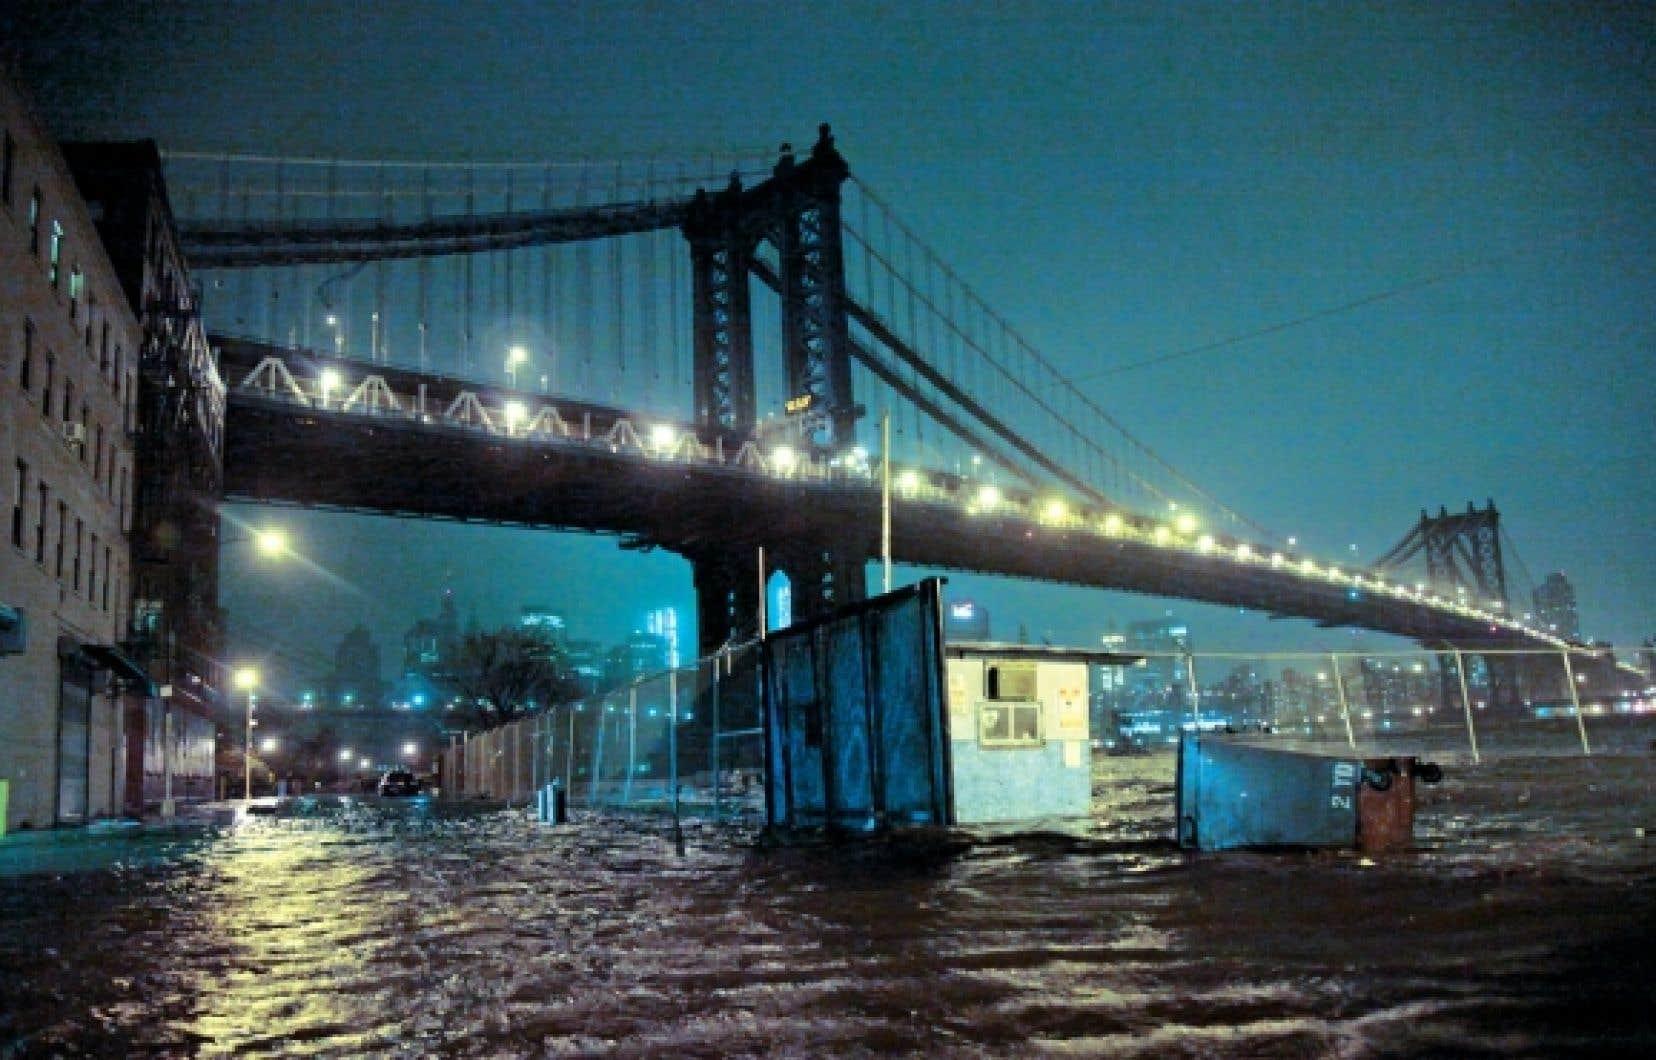 <div> L'eau inondait les rues sous le pont de Manhattan, à New York, lundi soir, alors que l'ouragan Sandy touchait terre à 200 kilomètres au sud, près d'Atlantic City. La métropole internationale était plongée dans le noir et les réseaux de transport étaient paralysés.</div>